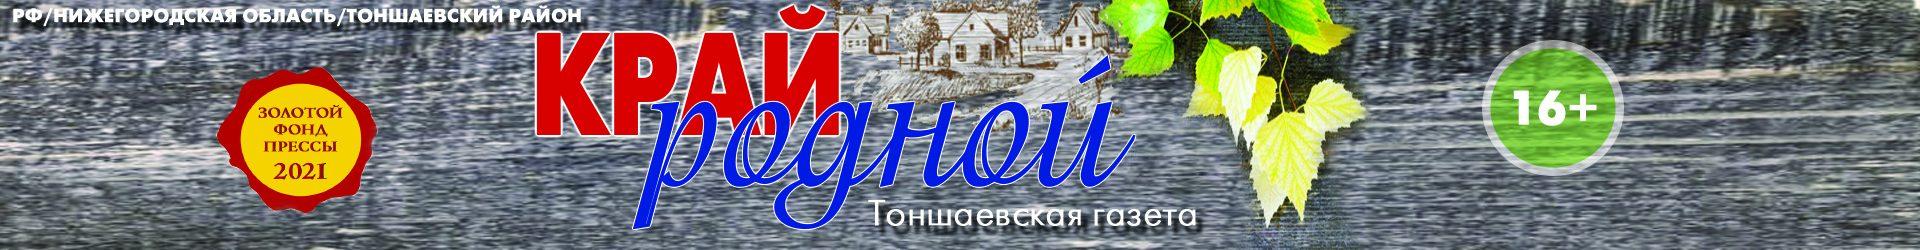 Более 2,5 тысячи человек с подтвержденным коронавирусом в Нижегородской области выздоровели